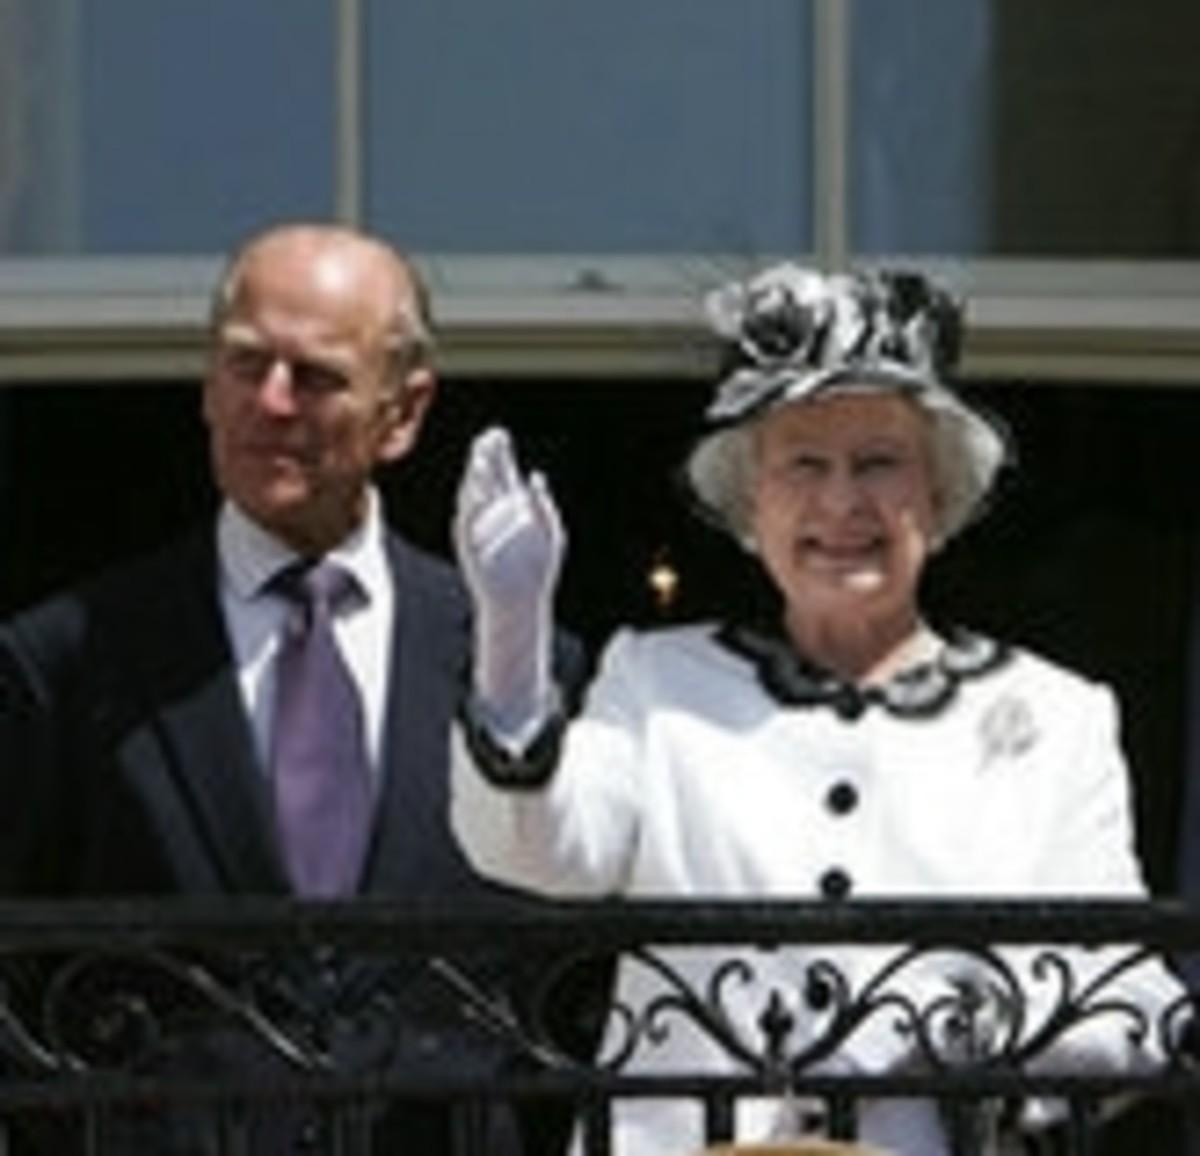 Queen Elizabeth II Diamond Jubilee Celebrations 2nd-5th June 2012